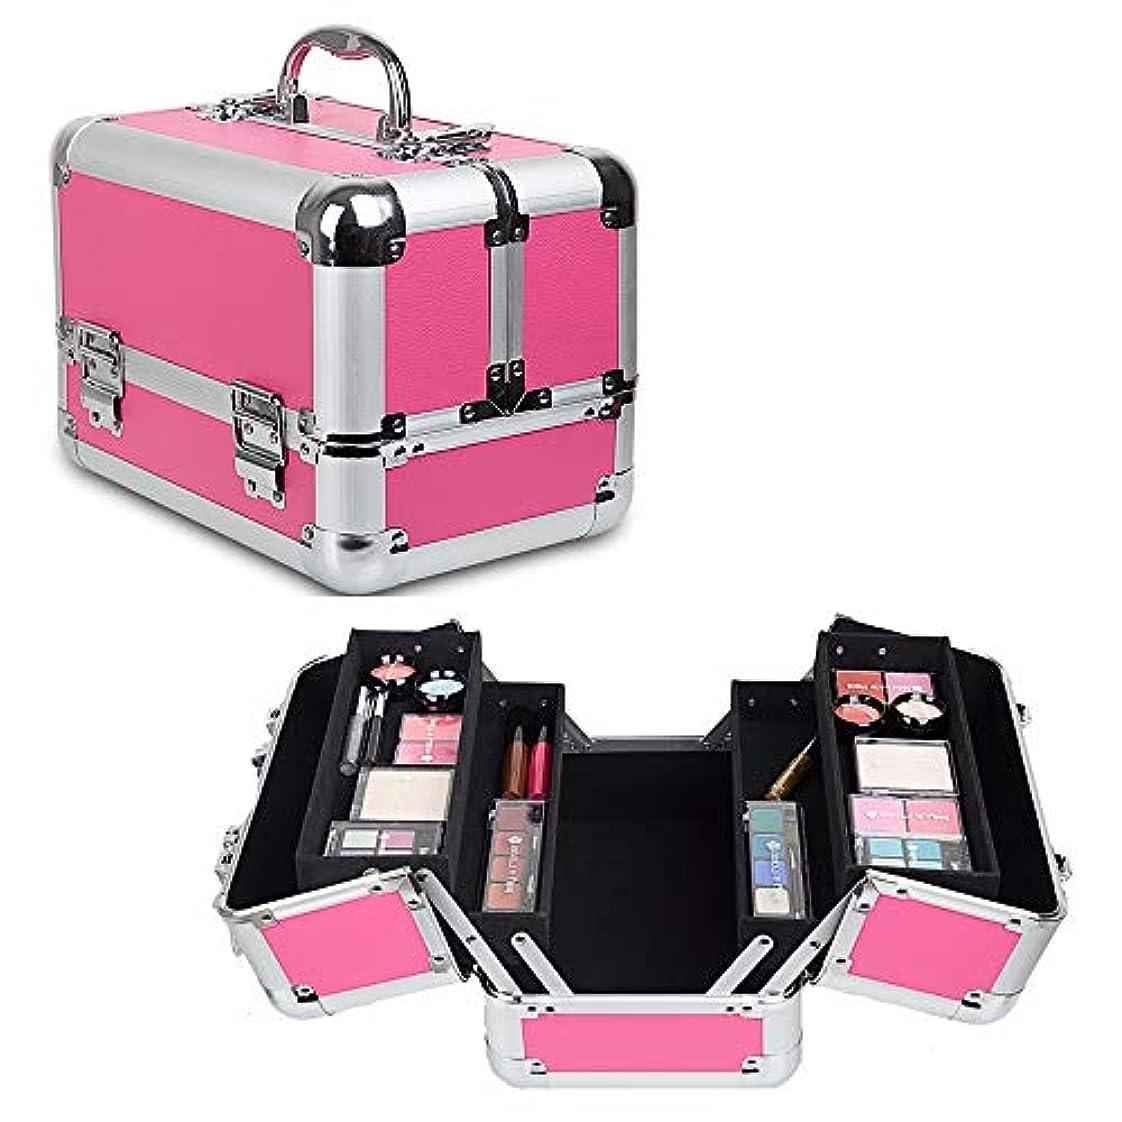 活気づけるすぐにフレキシブル化粧オーガナイザーバッグ メイクアップトラベルバッグストレージバッグ防水ミニメイクアップケース旅行旅行のための 化粧品ケース